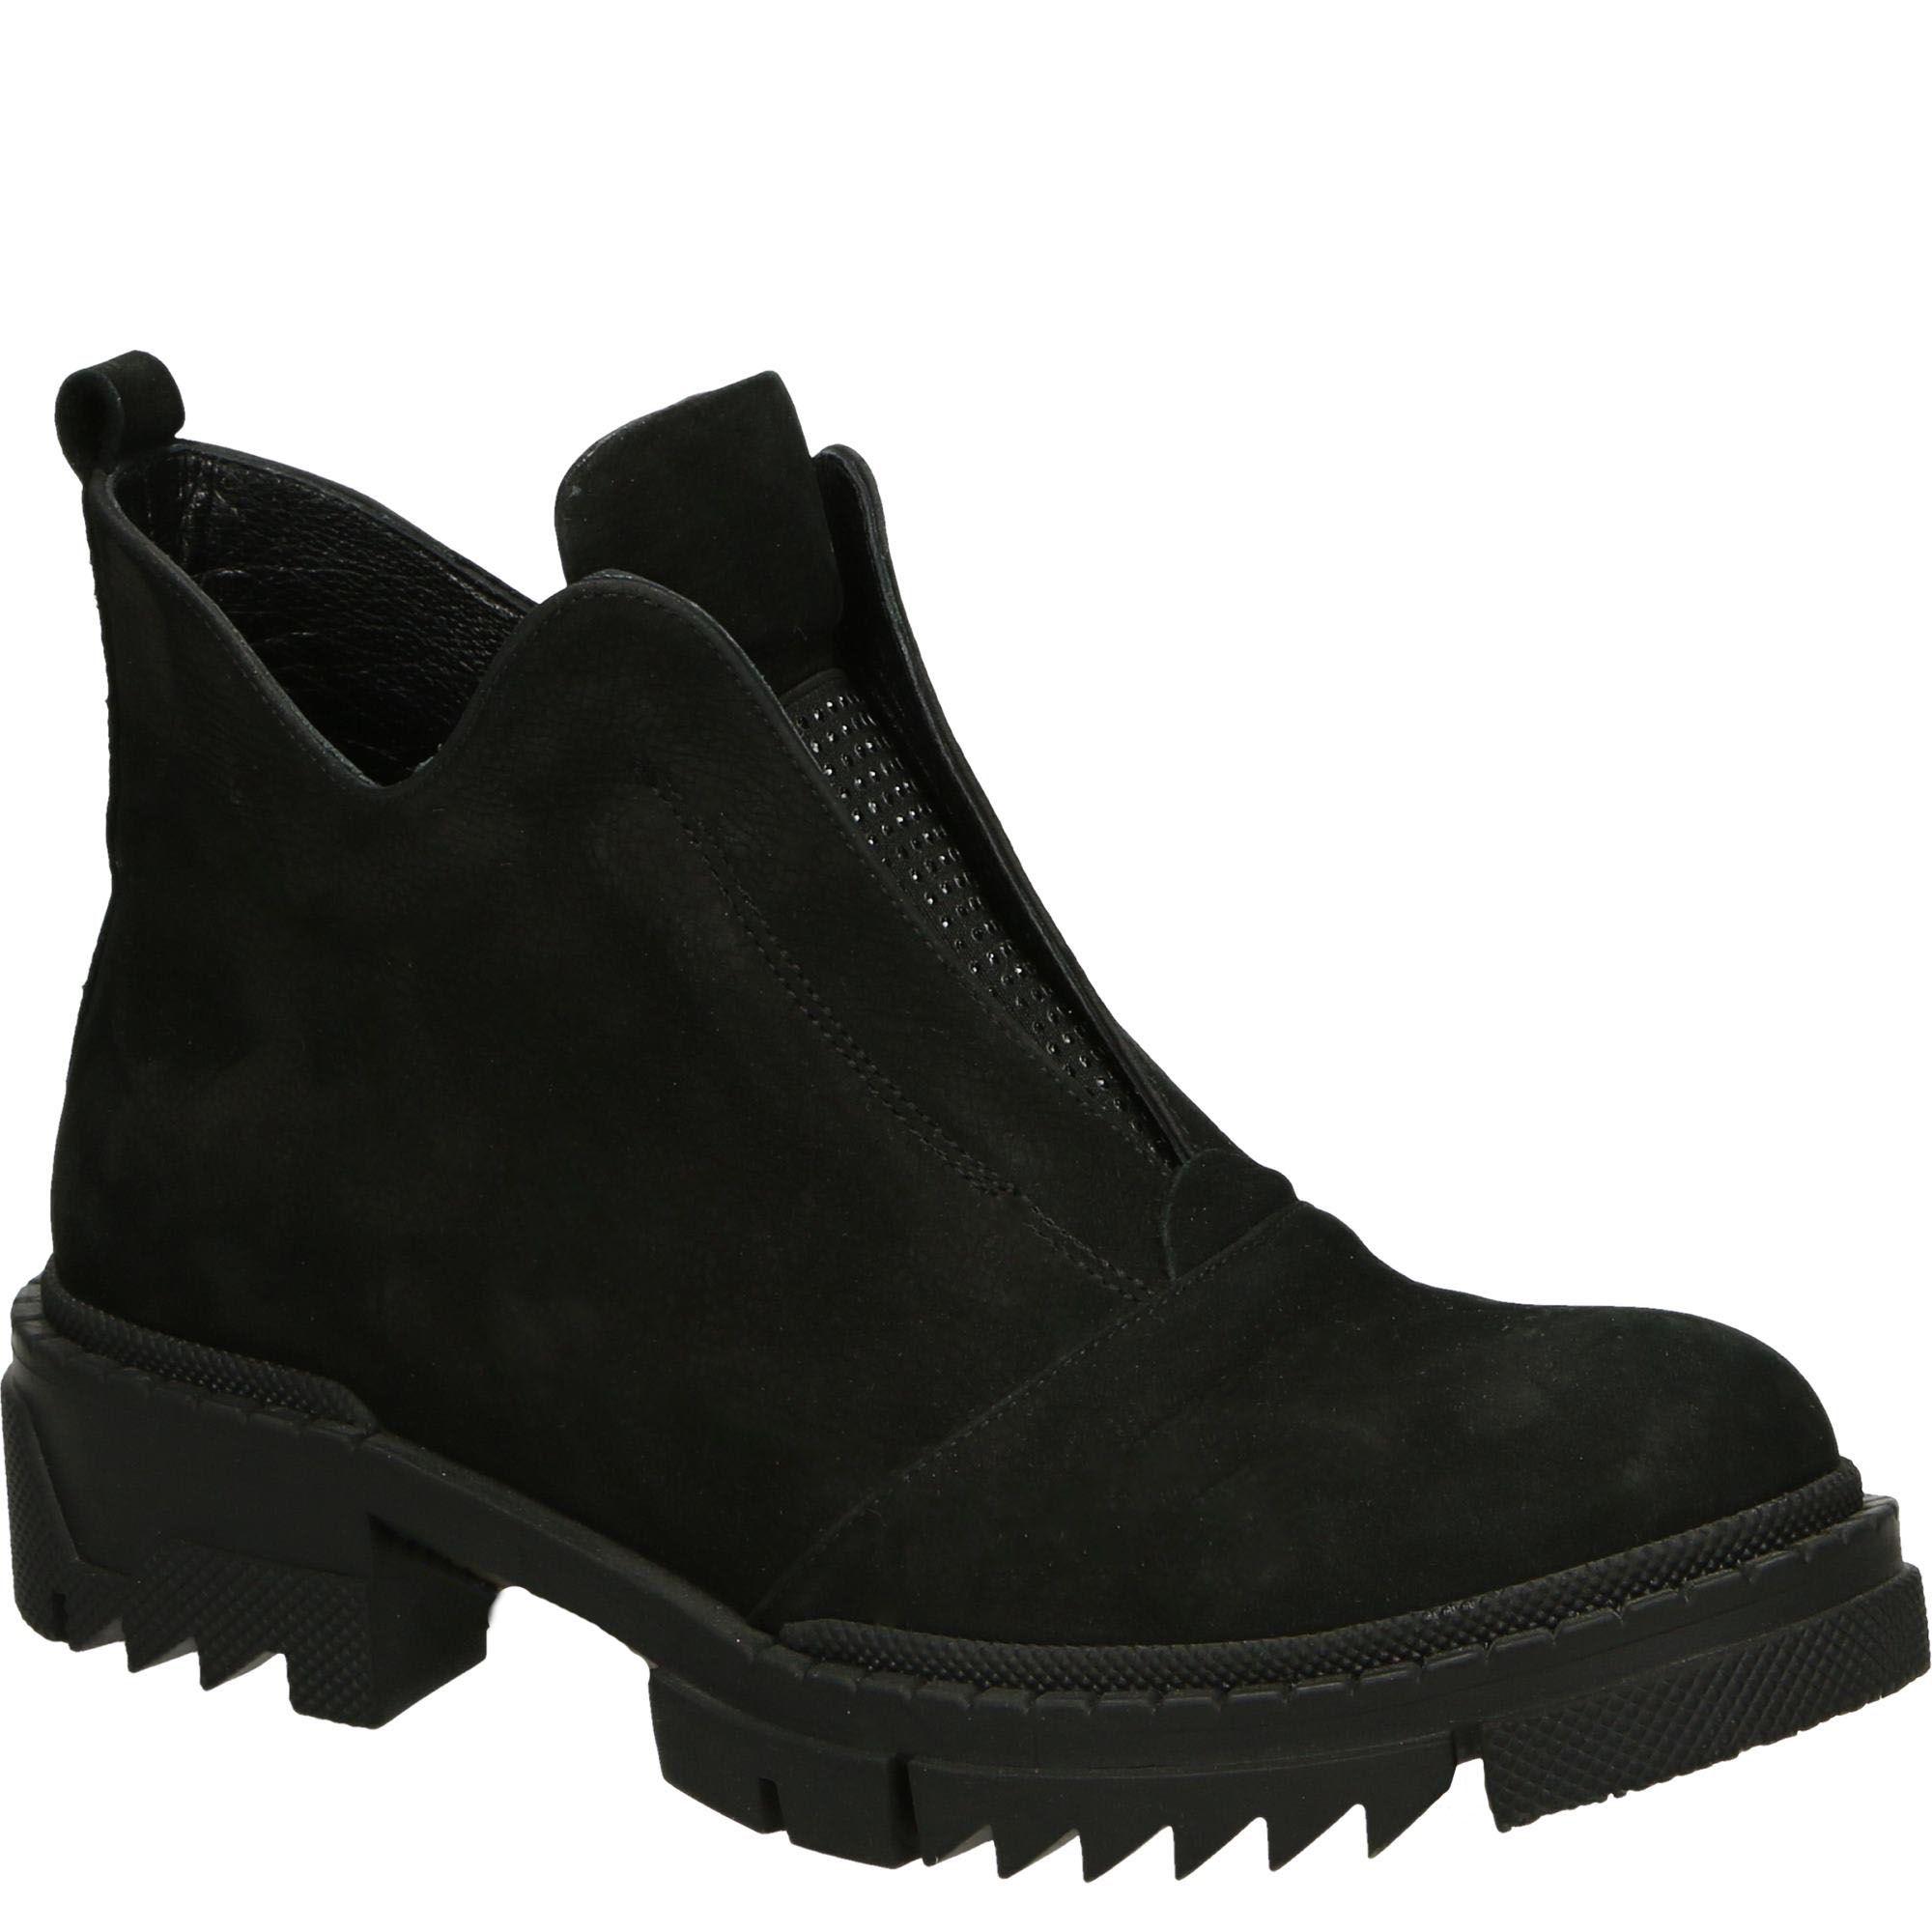 Venezia Firmowy Sklep Online Markowe Buty Online Obuwie Damskie Obuwie Meskie Torby Damskie Kurtki Damskie In 2020 Chelsea Boots Boots Shoes